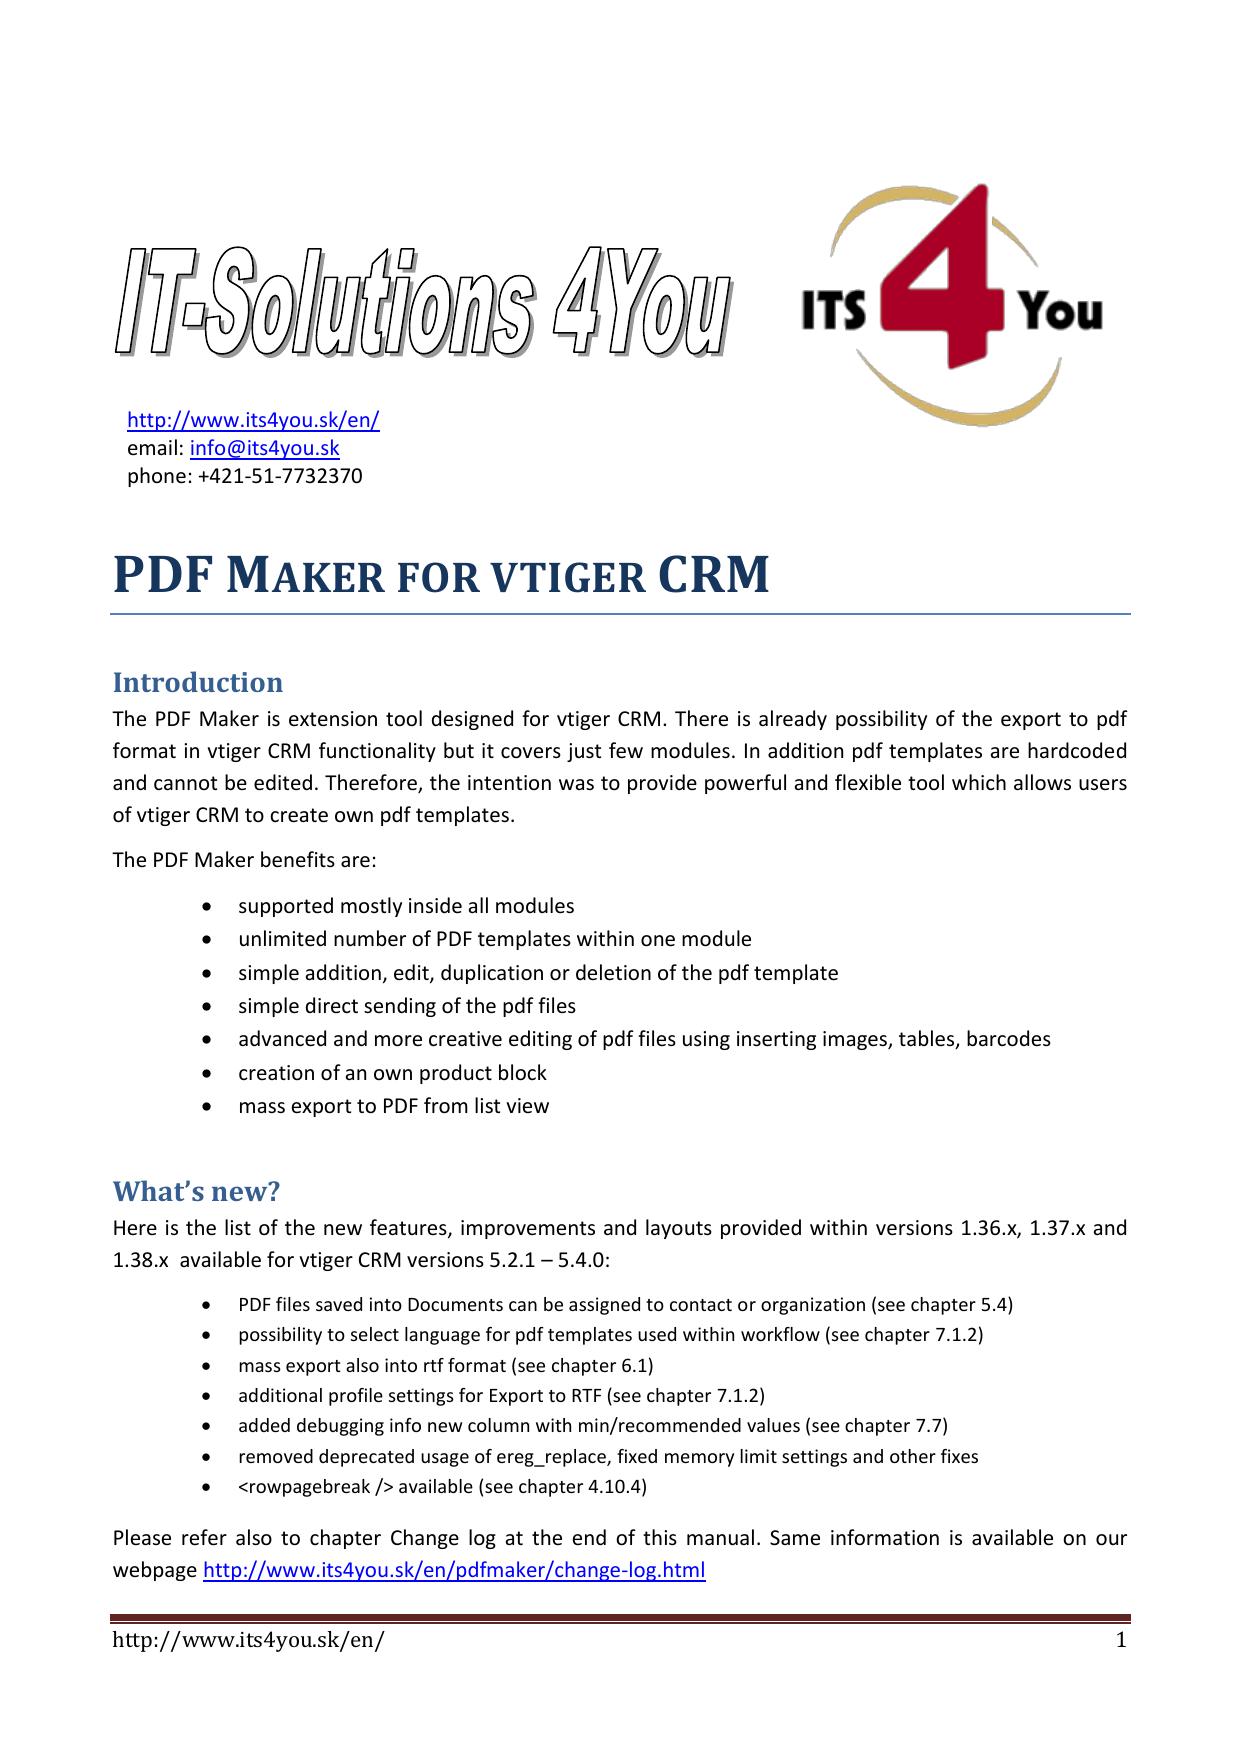 PDF MAKER FOR VTIGER CRM | manualzz com